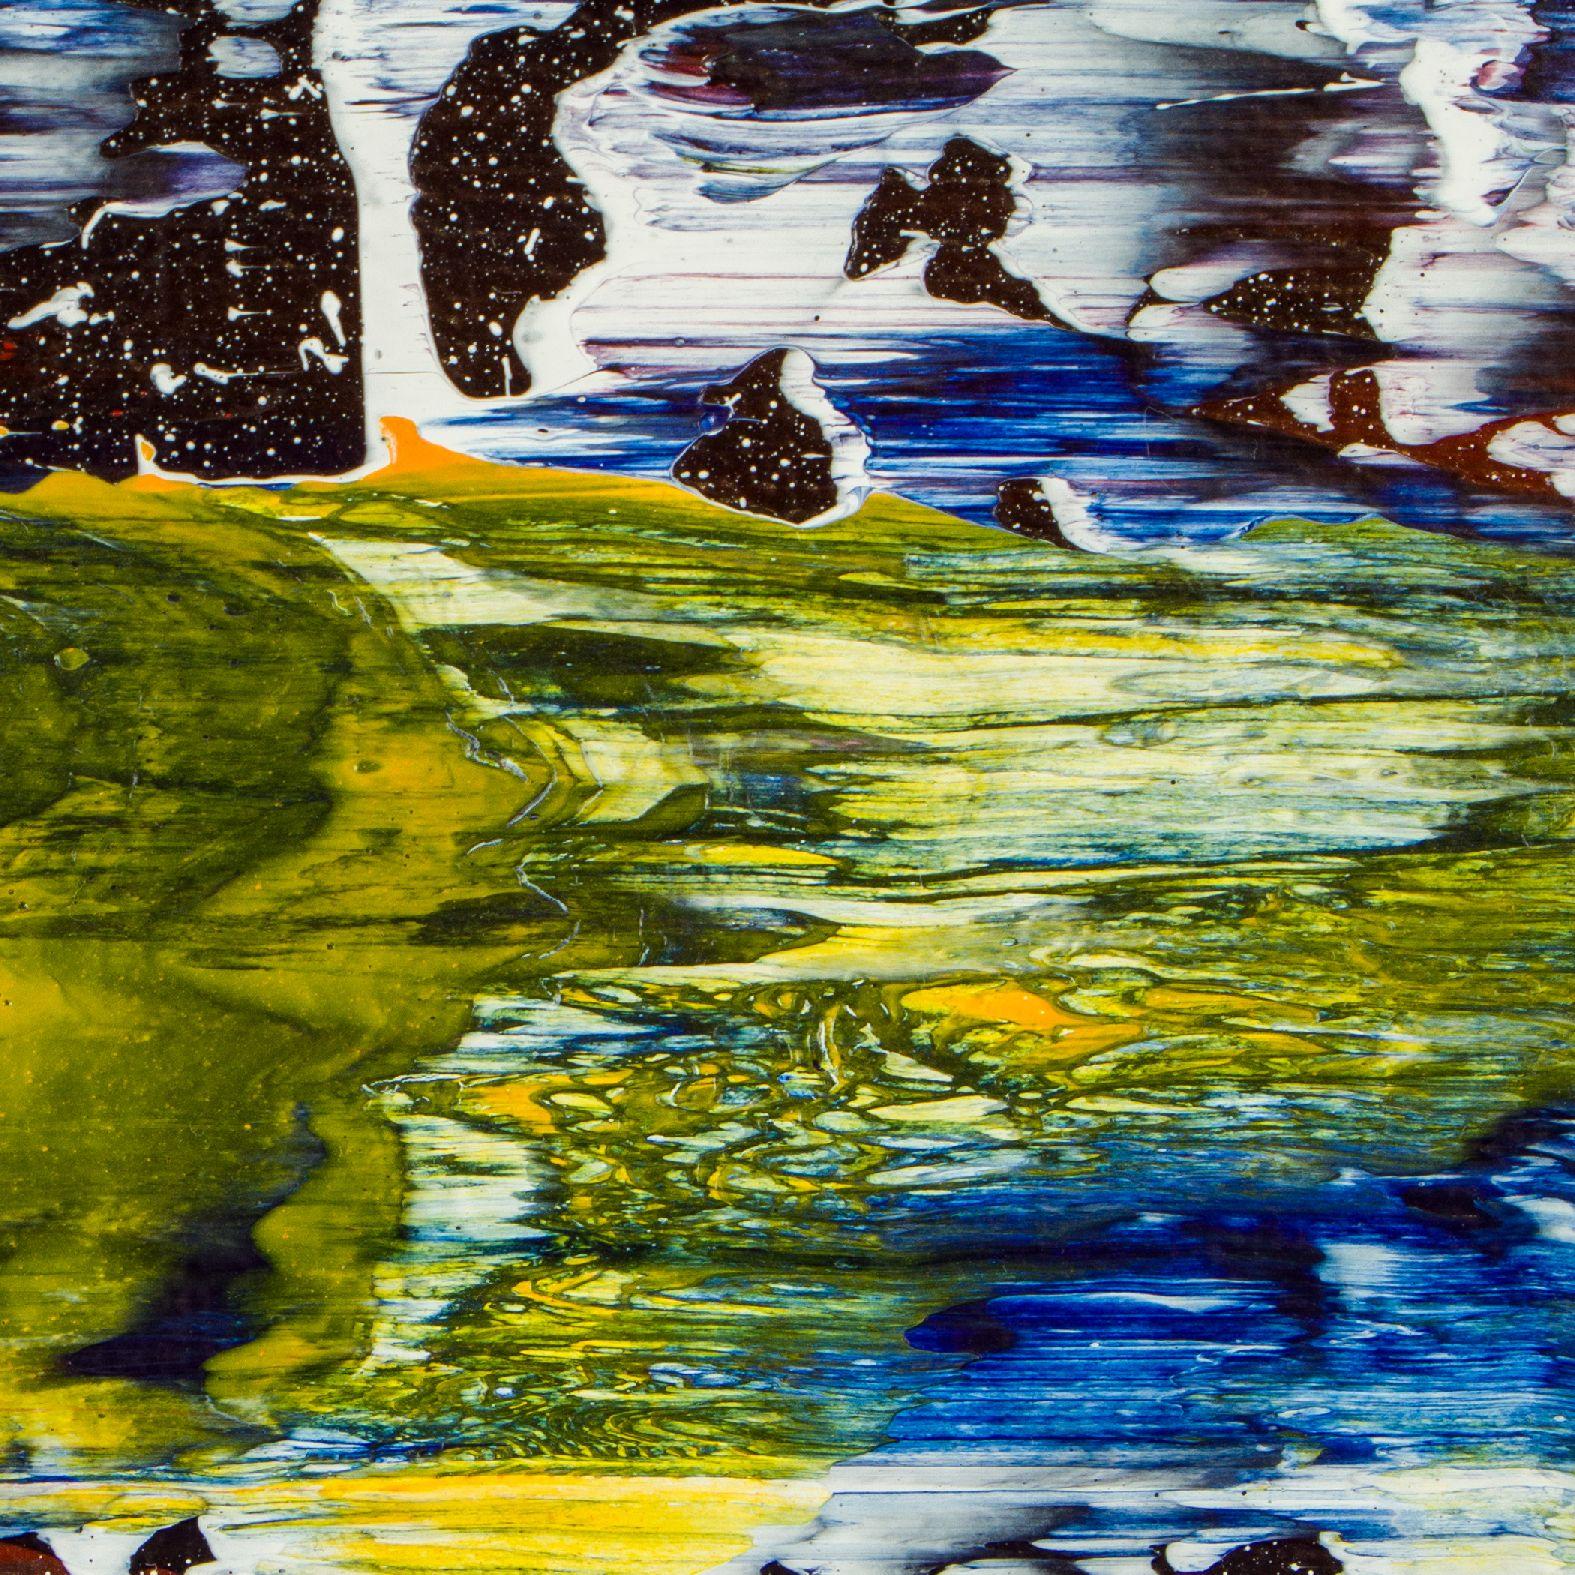 Detail - Autumn Mirrors 2 (2020) by Nestor Toro